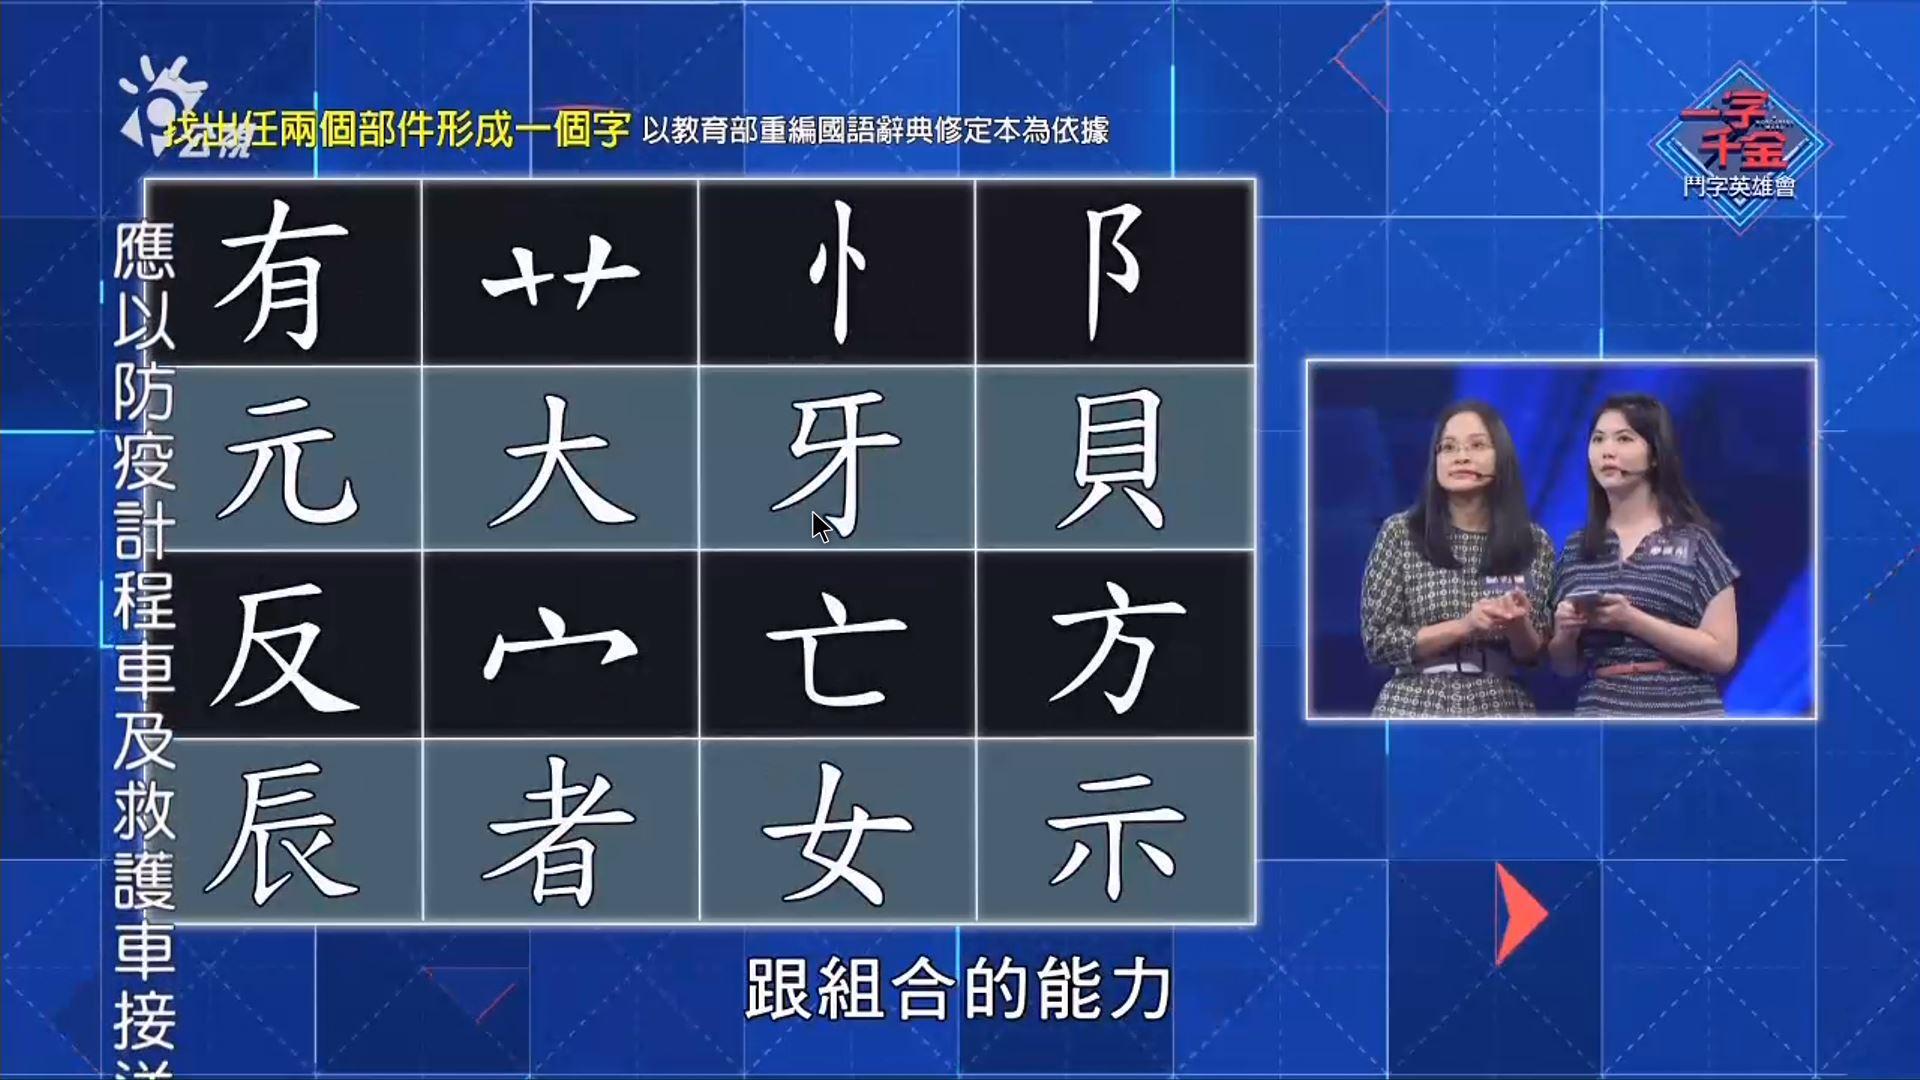 夢想盒子四代Dream TV Revolution革命 國際版電視盒-超強悍語音操作,出一張嘴就可以!